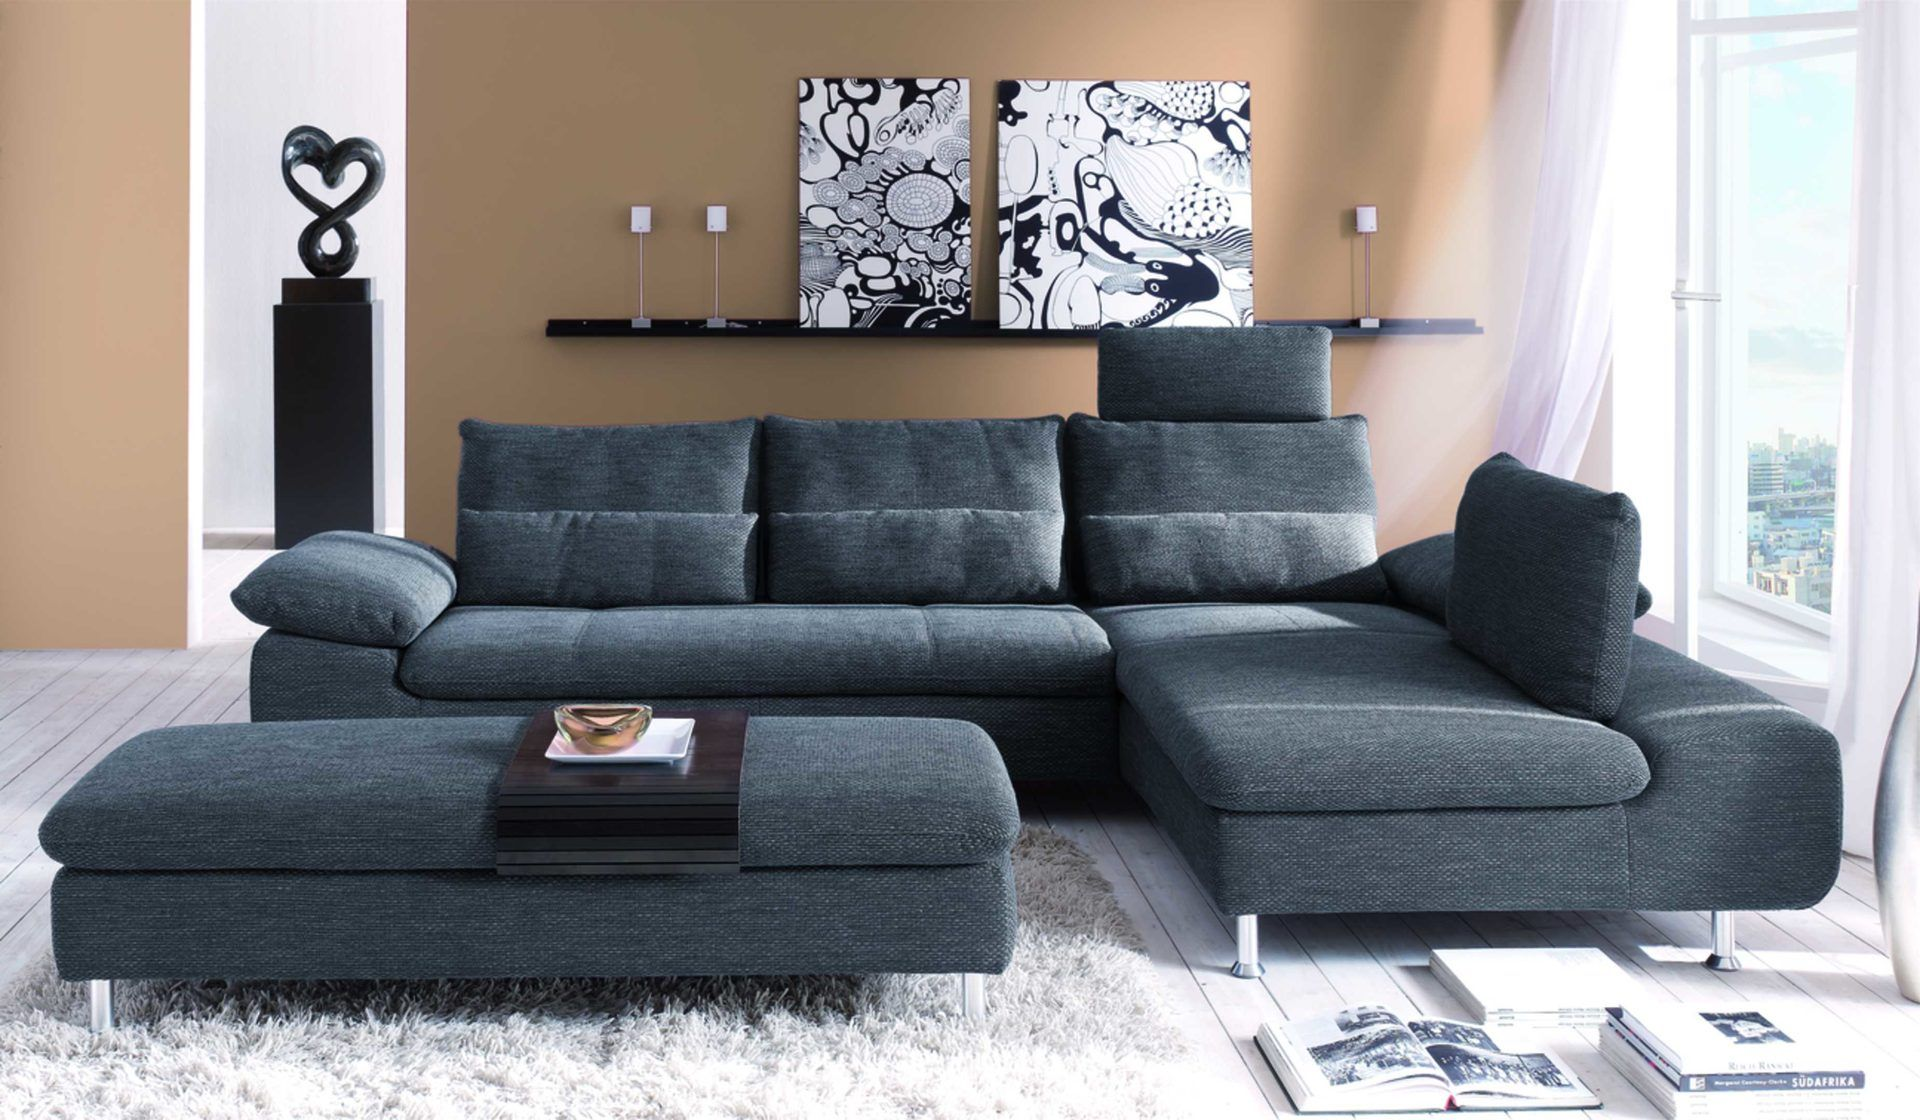 Eckcouch modern  Mobila.de | Räume | Wohnzimmer | Sofas + Couches | Eckcouch mit ...